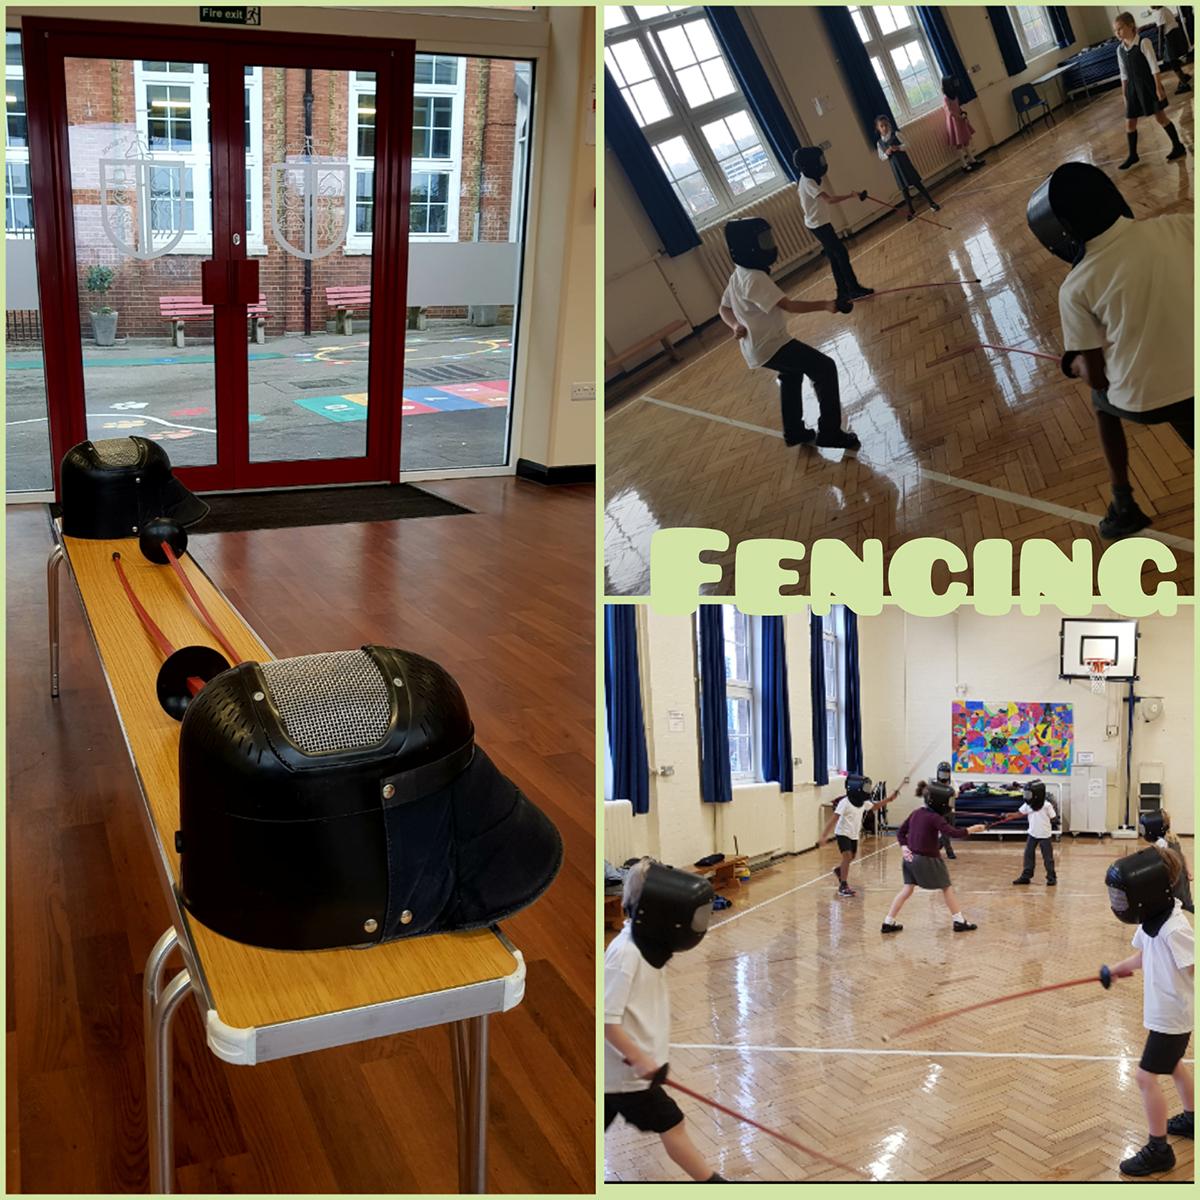 school fencing activities london